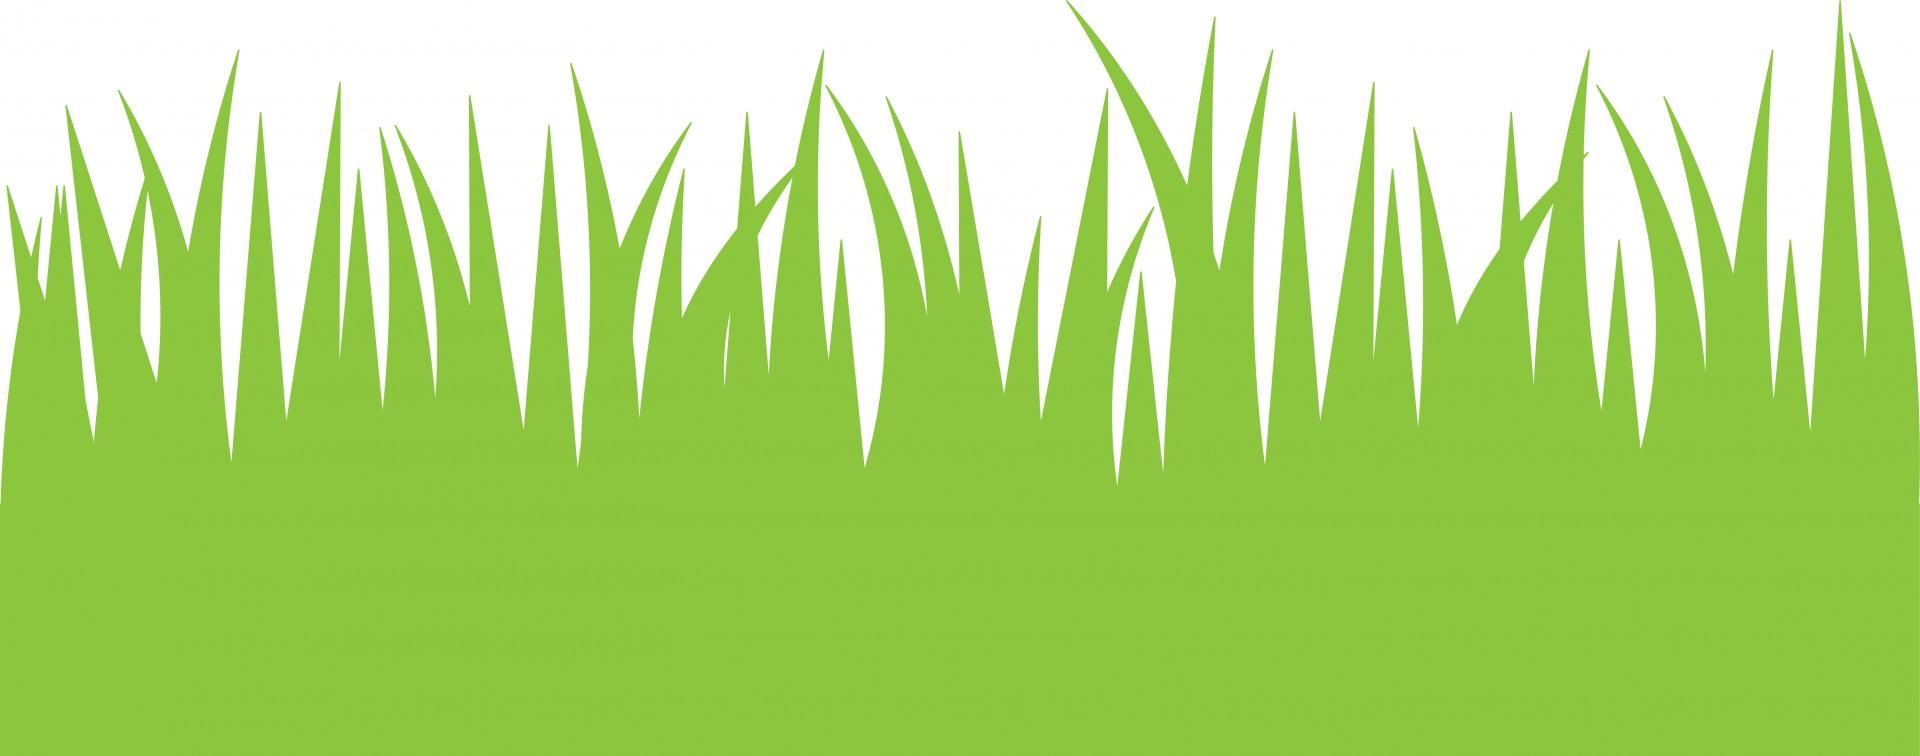 Green Grass Clipart-Green Grass Clipart-15